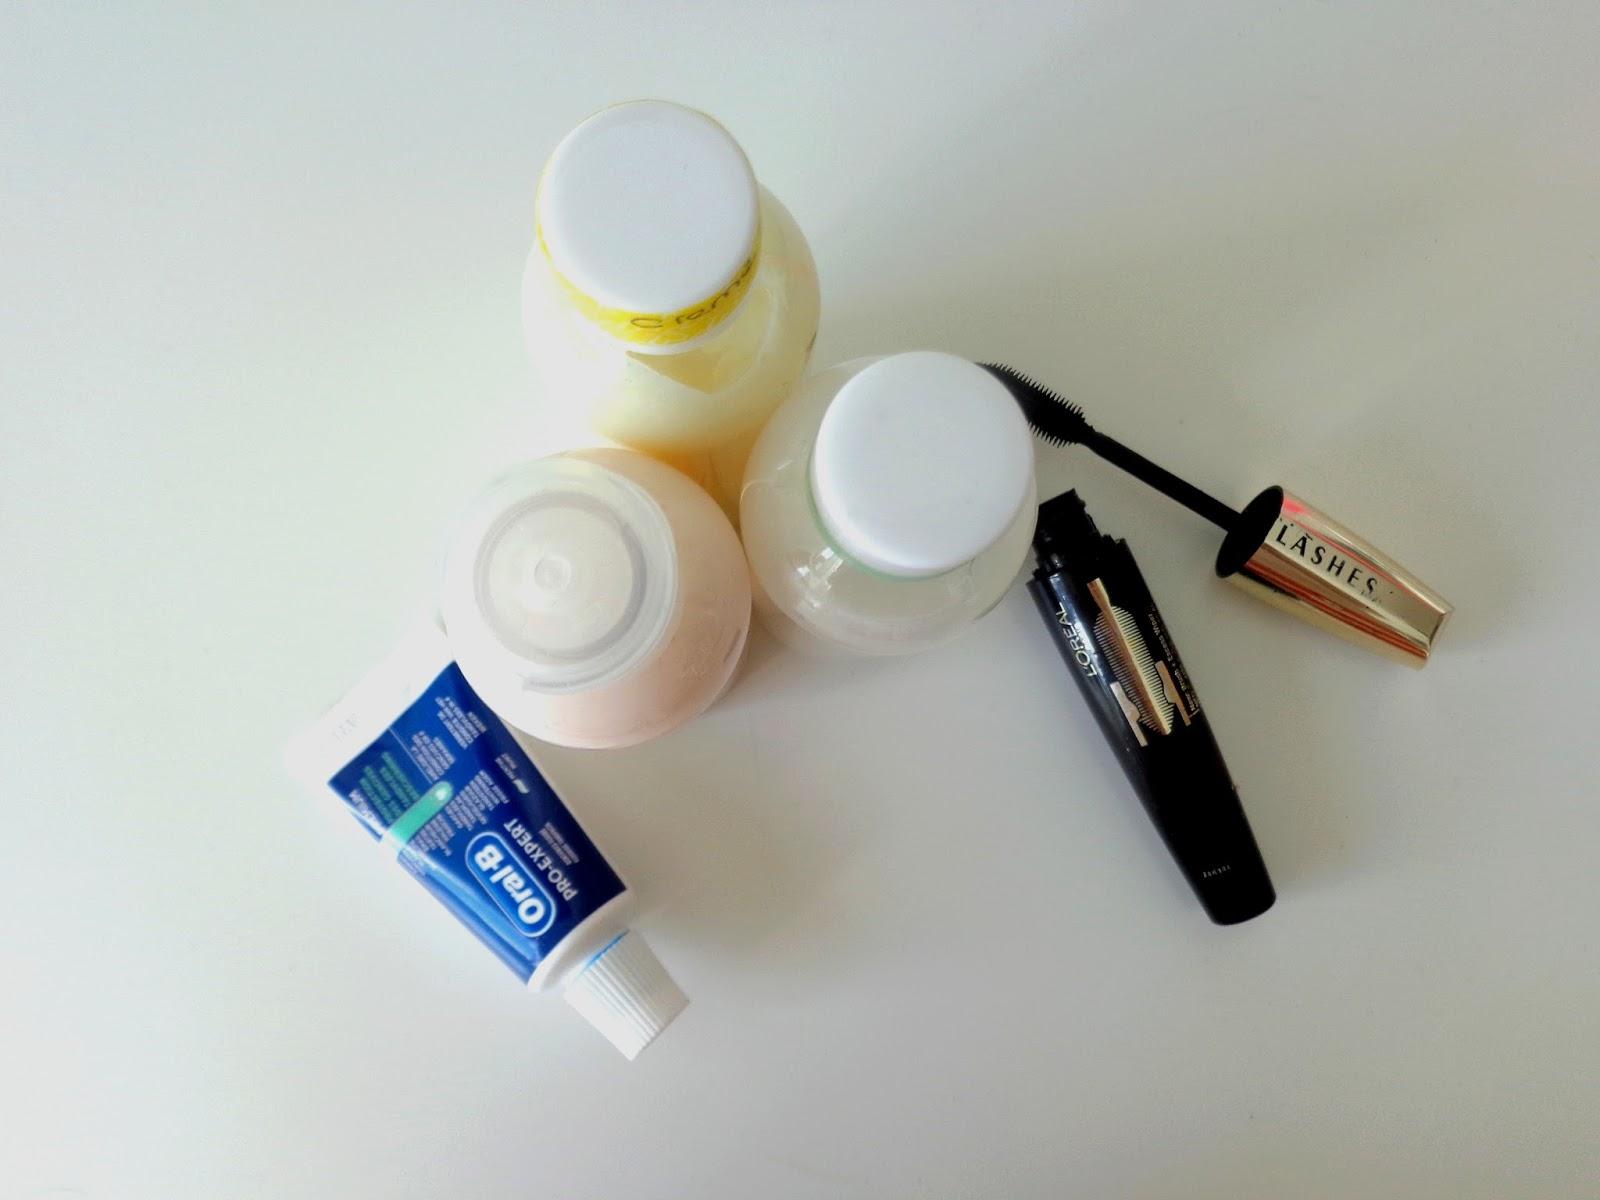 mag je lippenstift meenemen handbagage